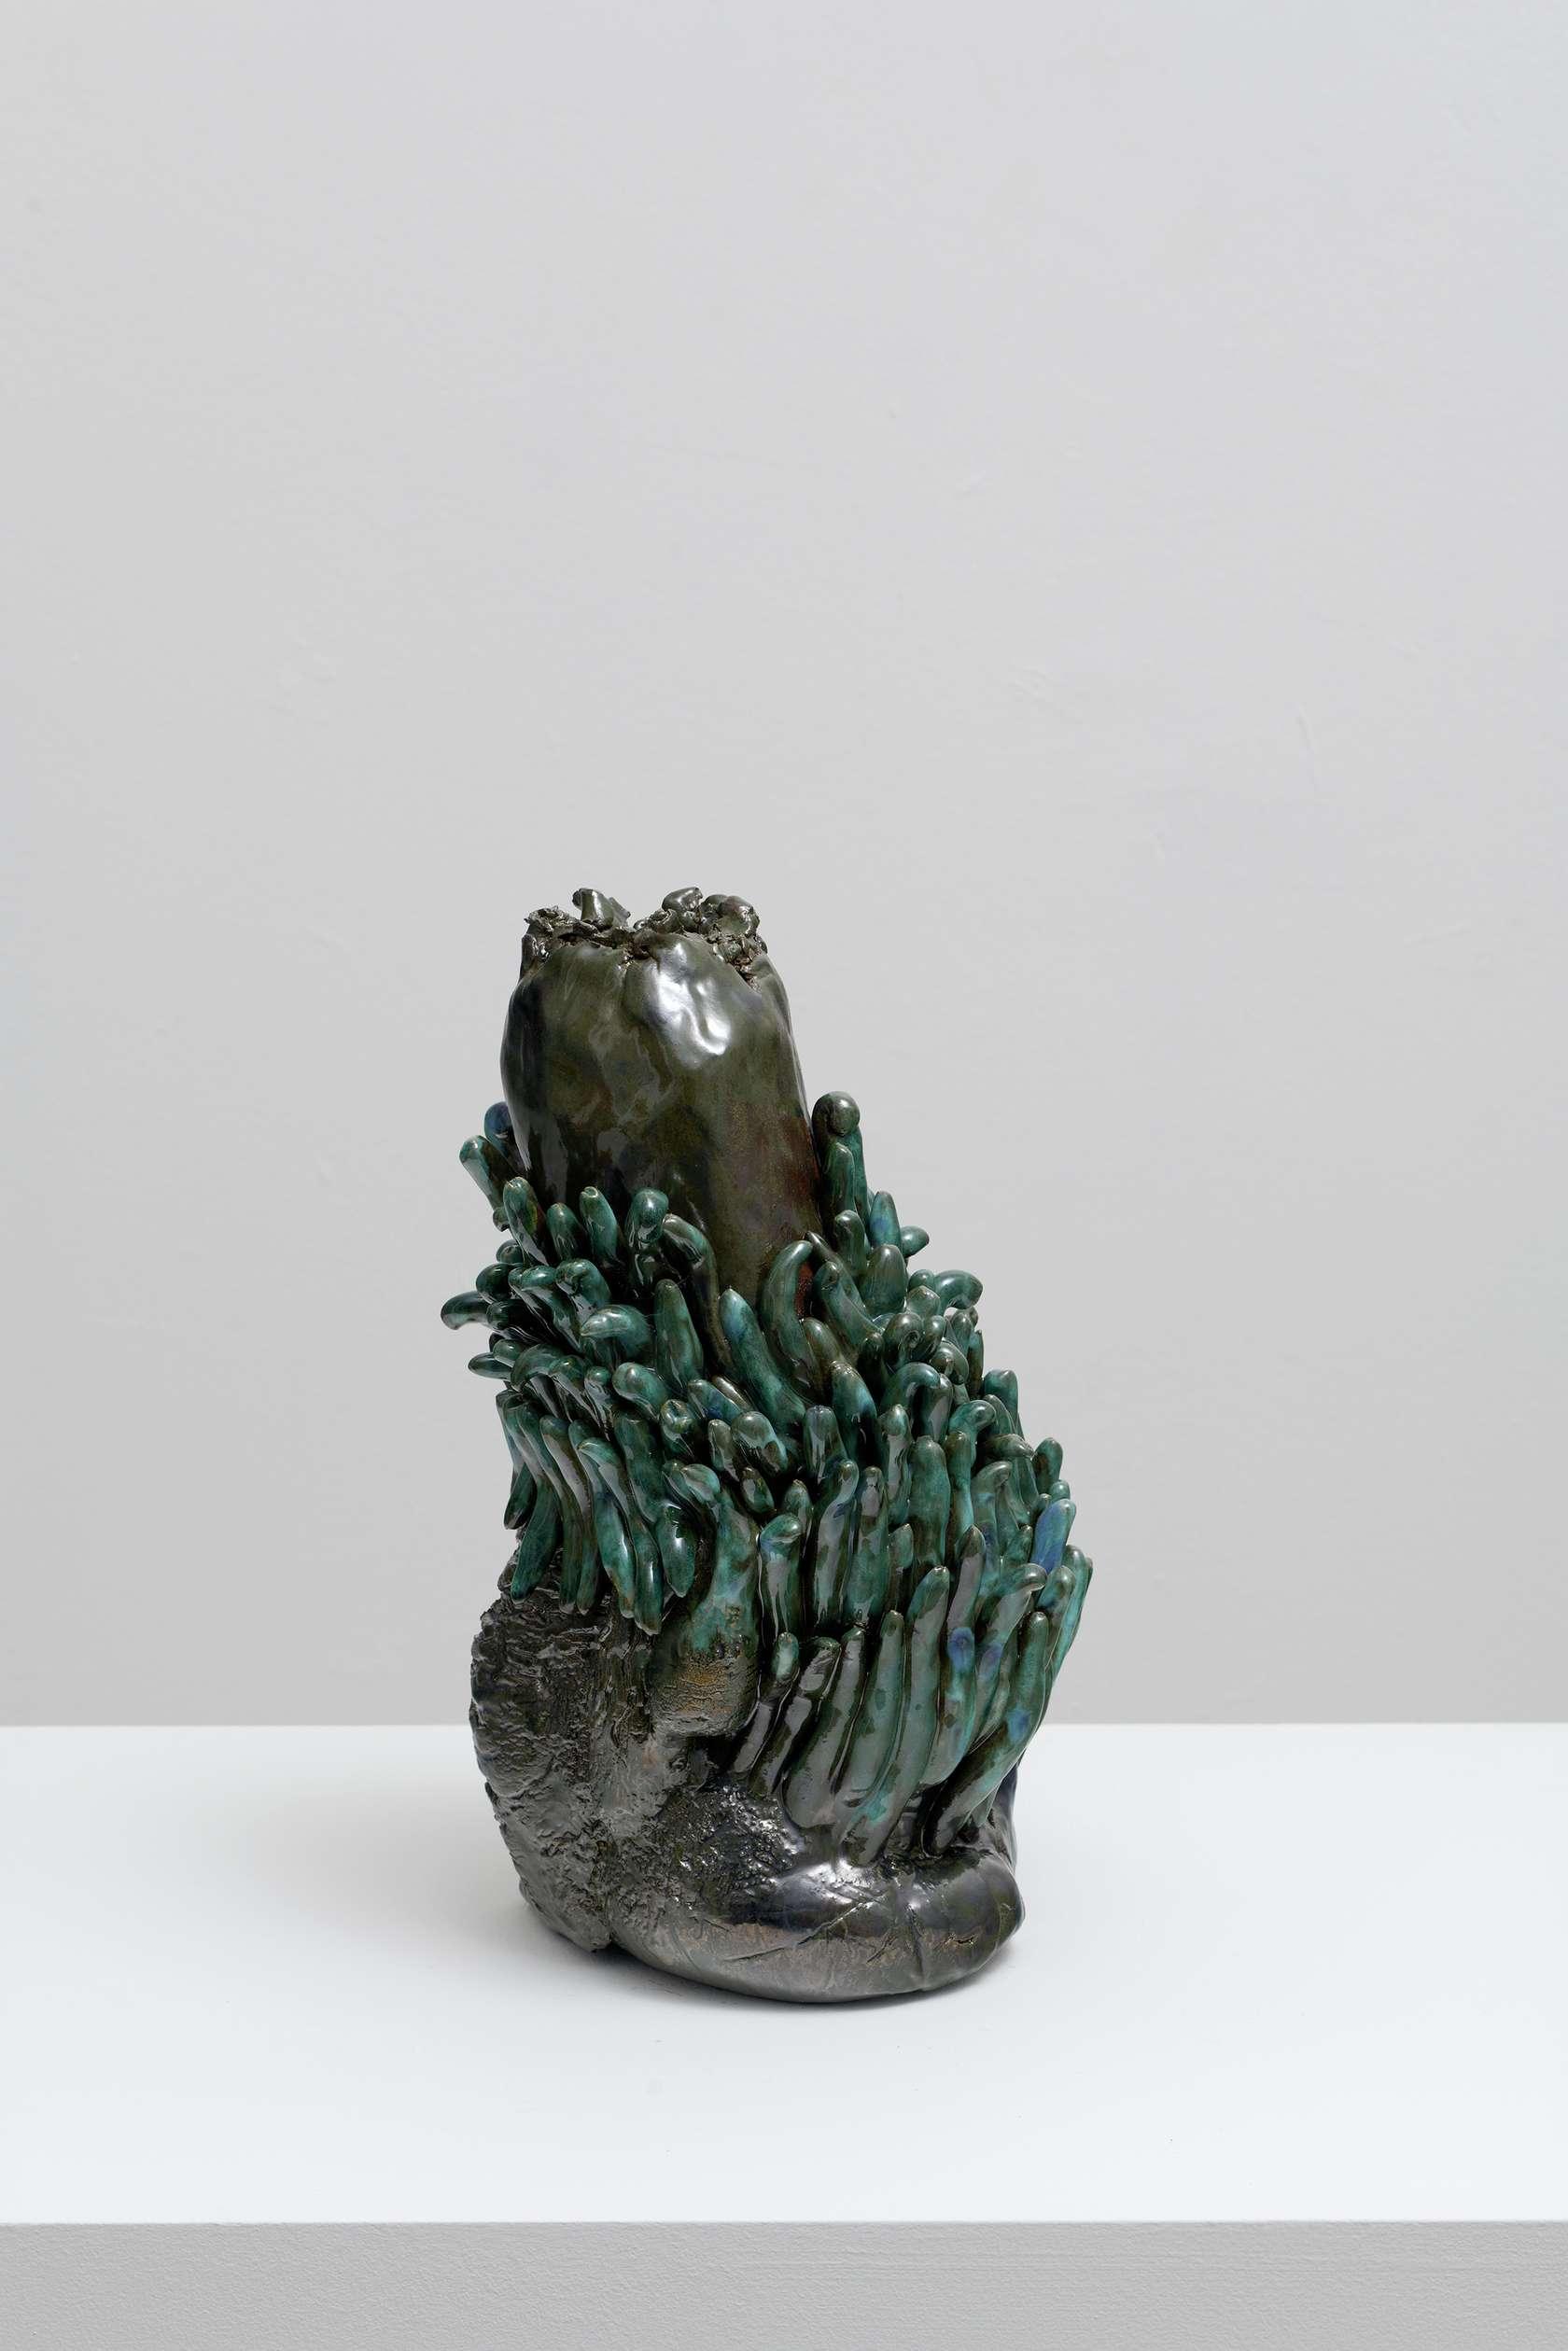 Salvatore Arancio, BF 16, 2019 Céramique émaillée36 × 22 × 21 cm / 14 1/8 × 8 5/8 × 8 2/8 in.